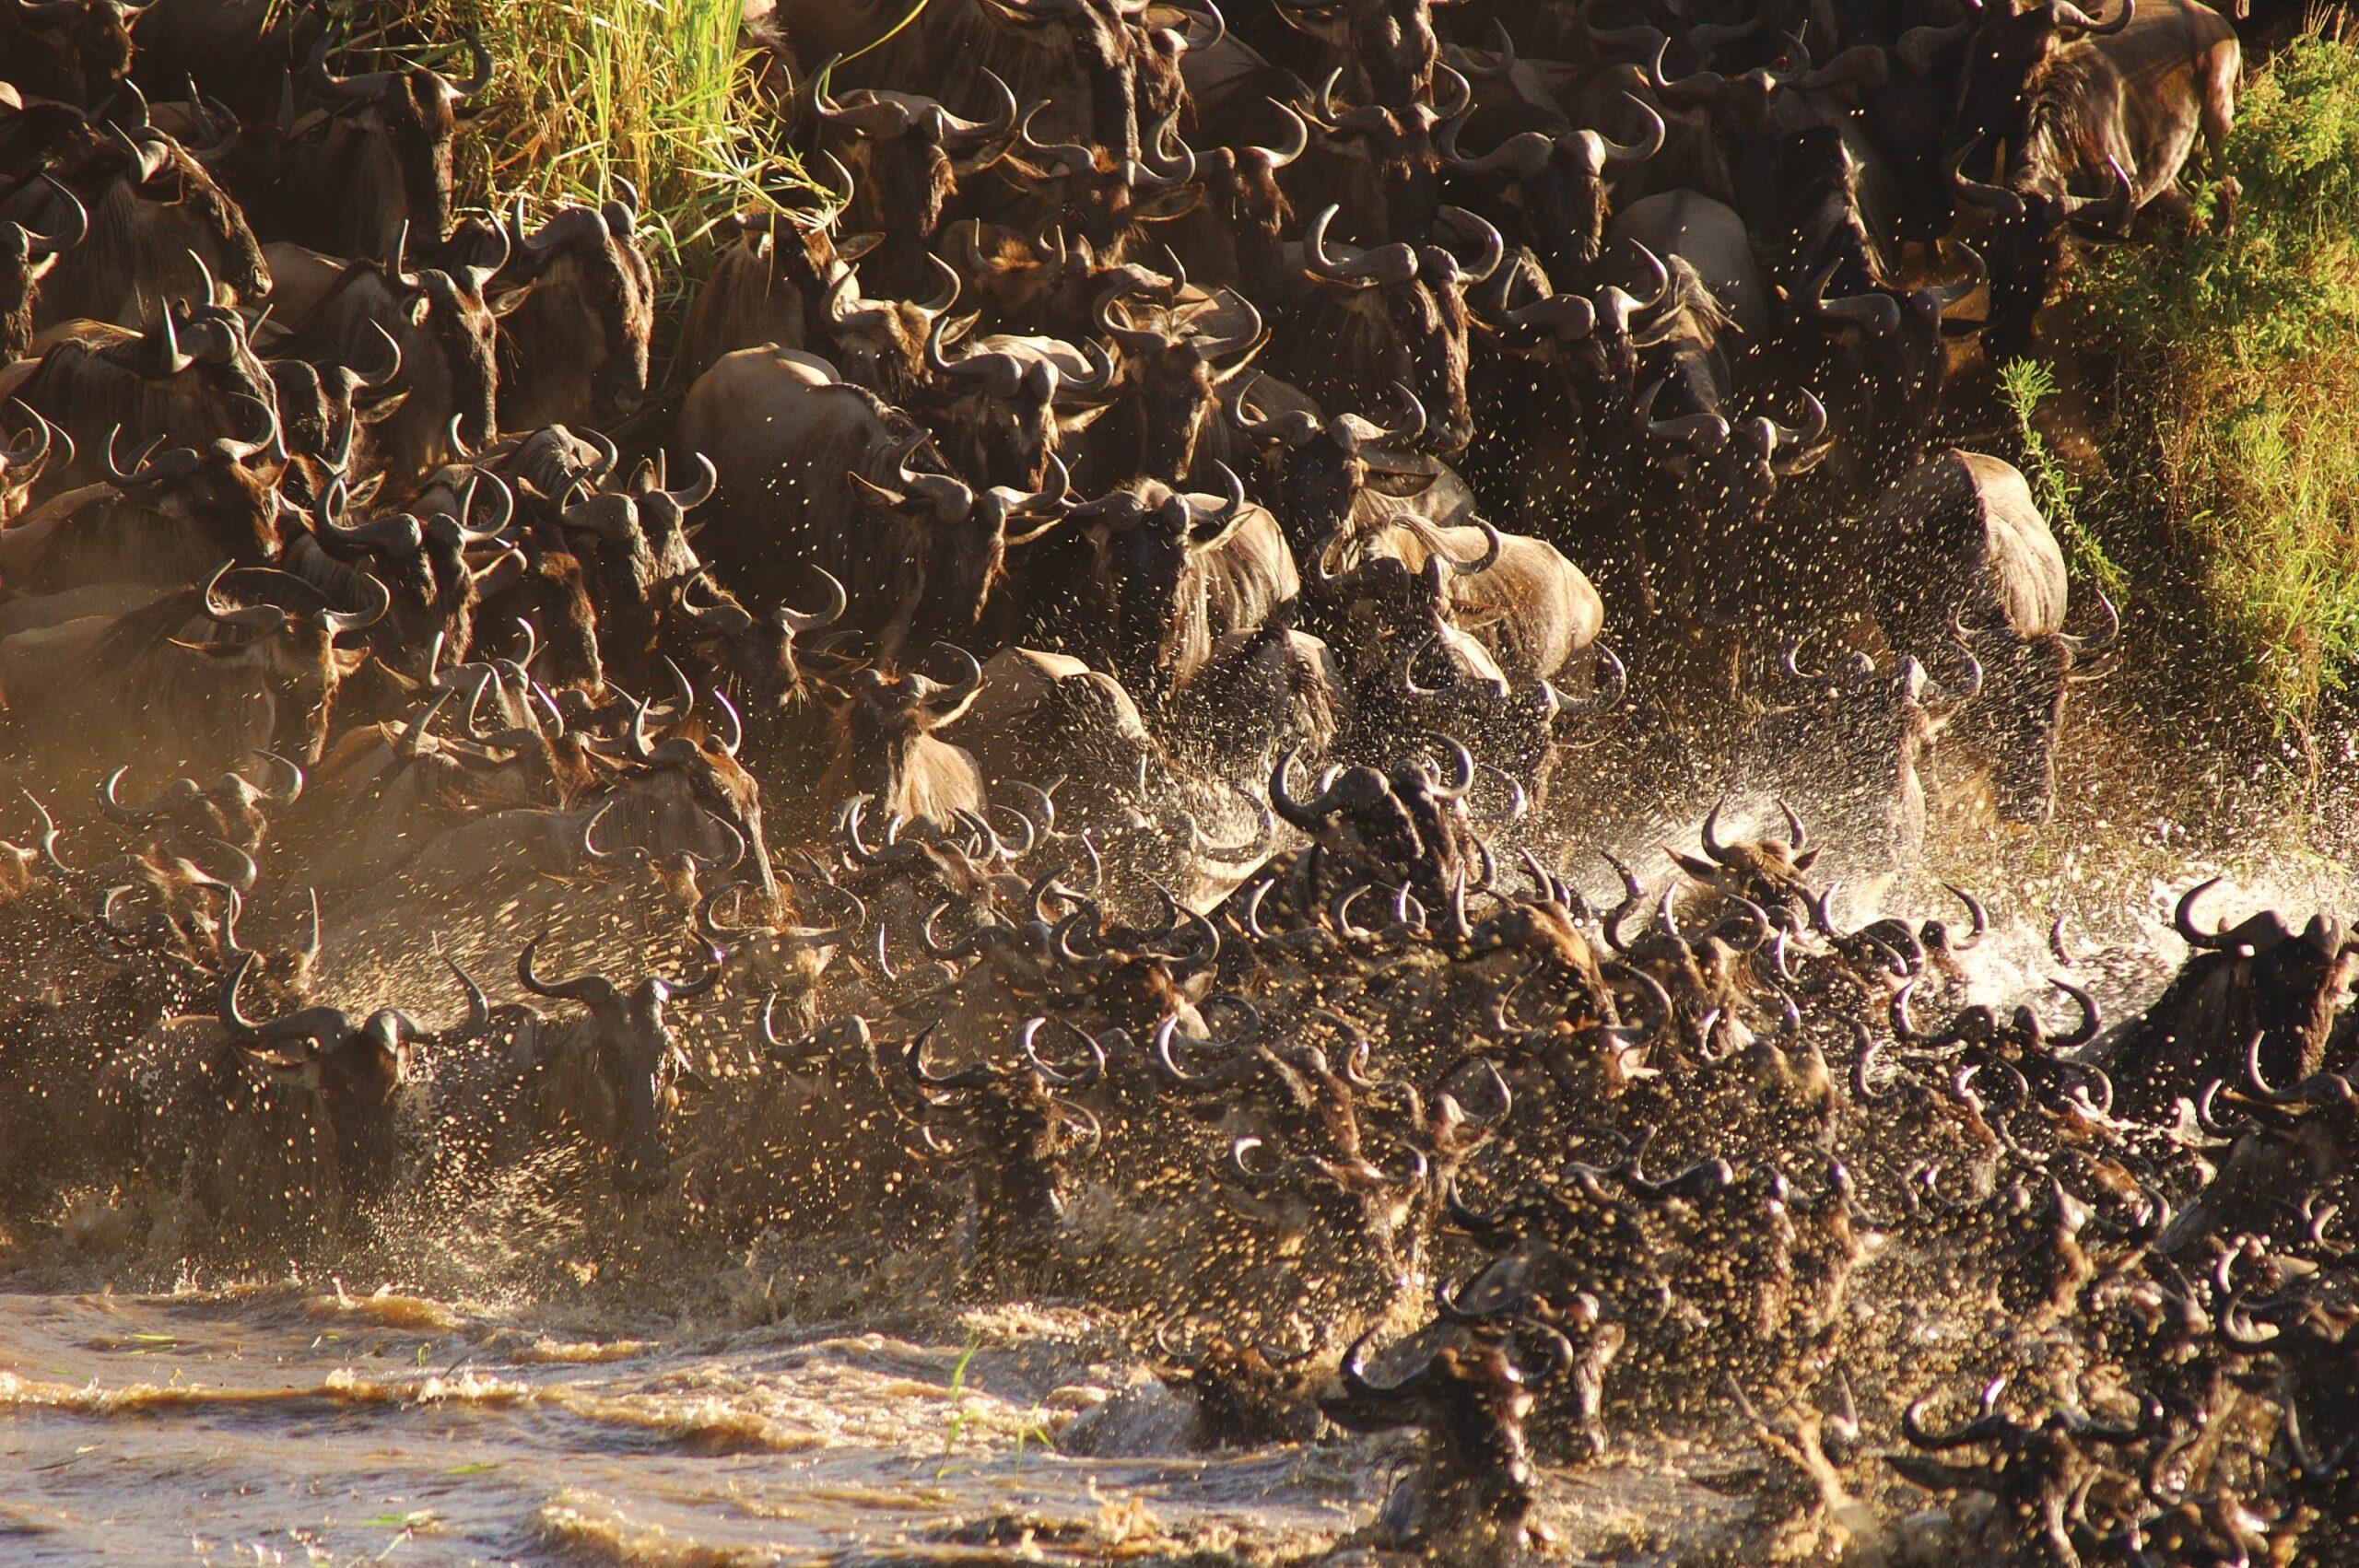 herd of wildebeest crossing the Mara River